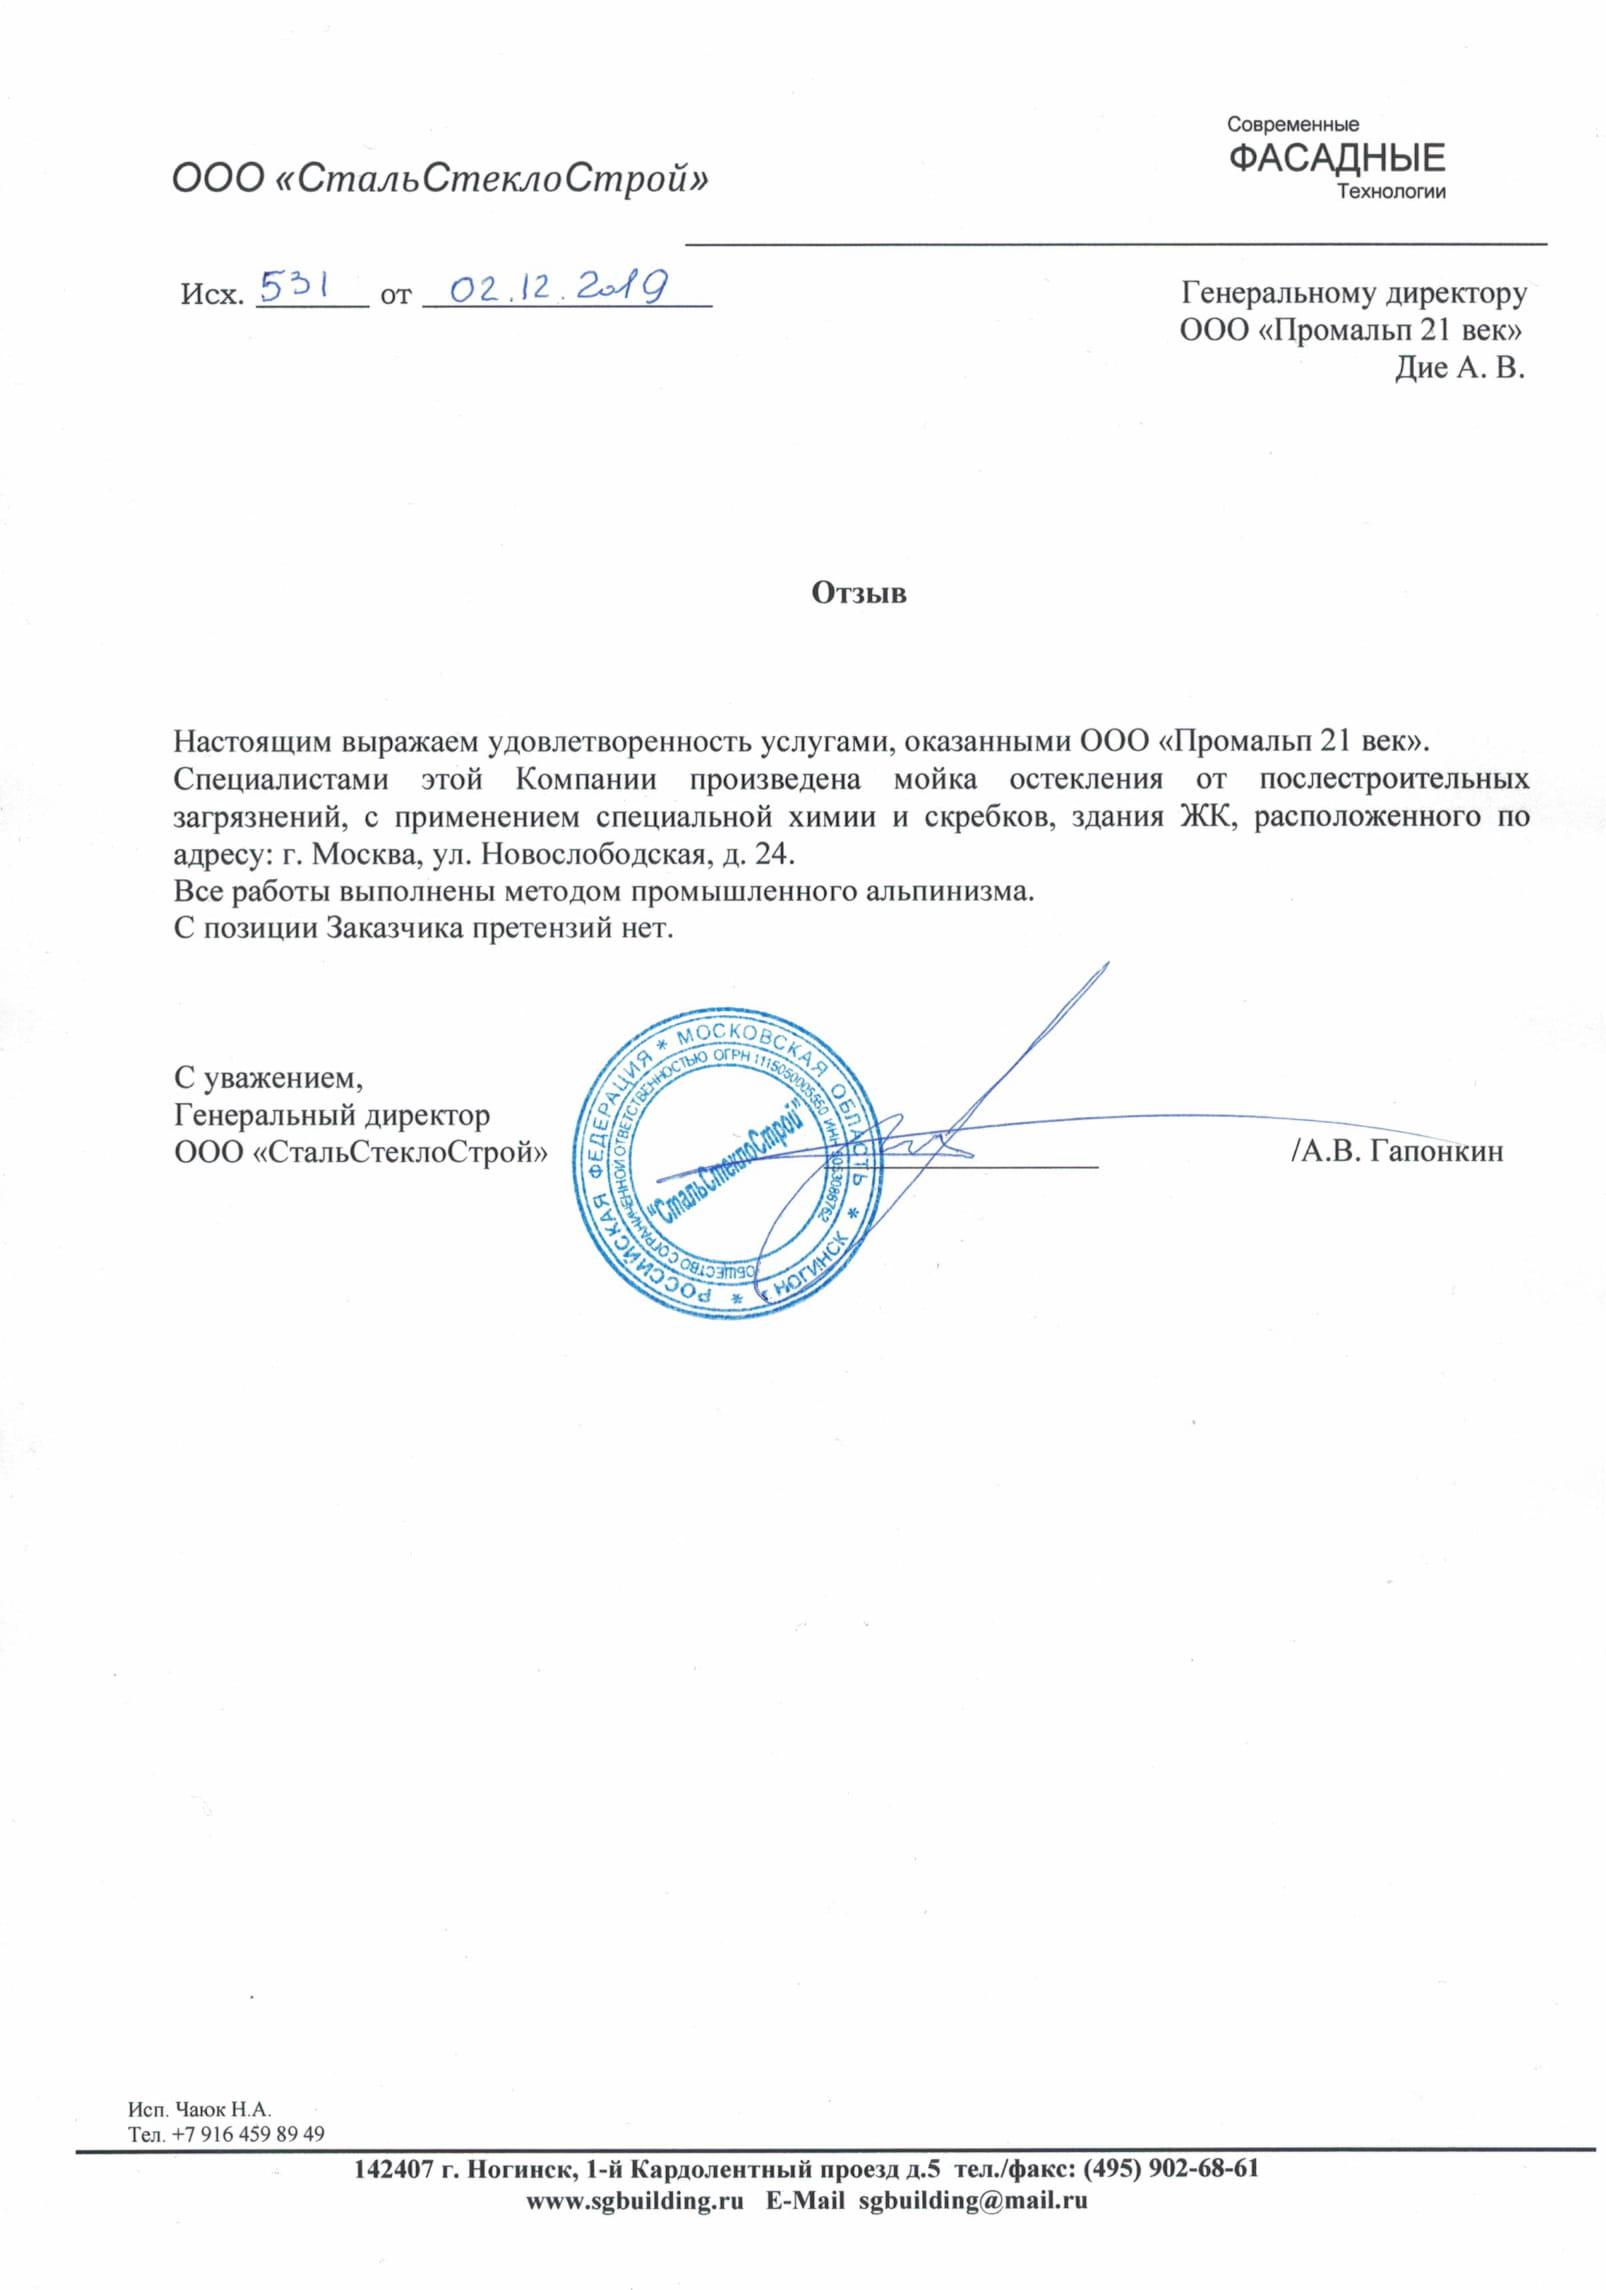 """ООО """"СТАЛЬСТЕКЛОСТРОЙ"""" – Отзыв"""